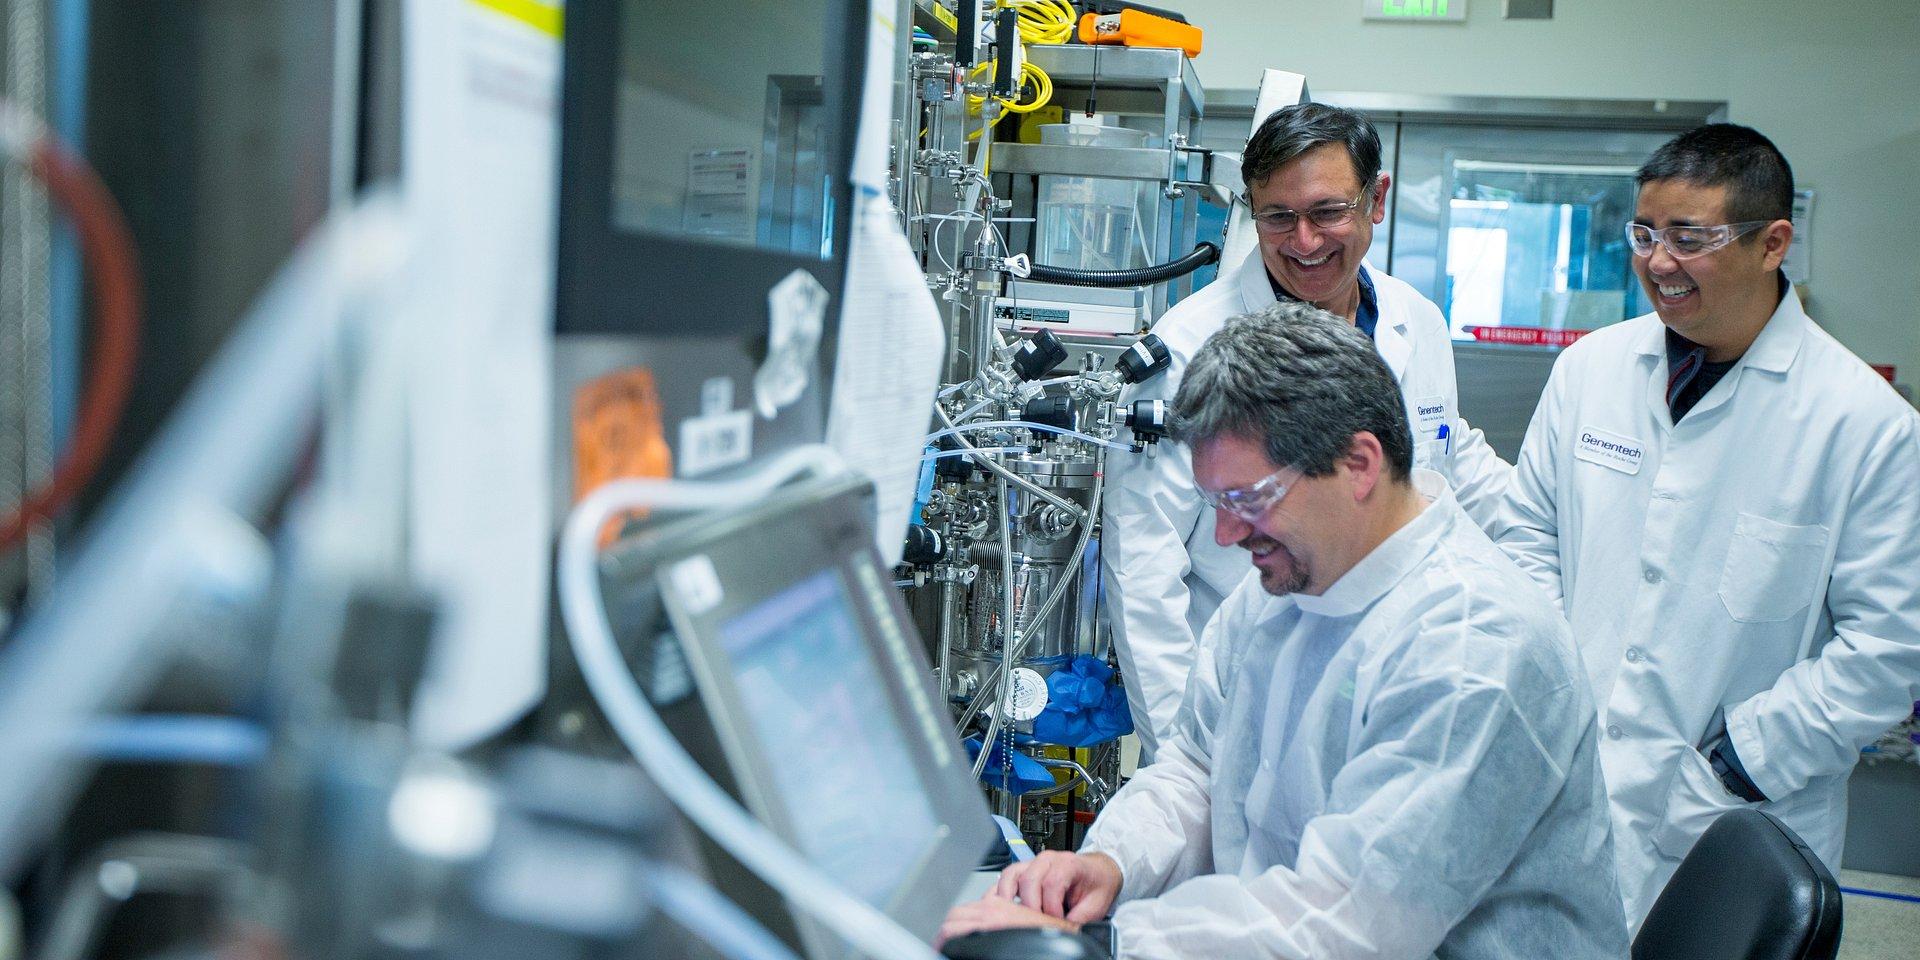 Współpraca Centrum Onkologii – Instytutu z Uniwersytetem w Lozannie oraz Instytutem Badań nad Nowotworami Ludwig Institute